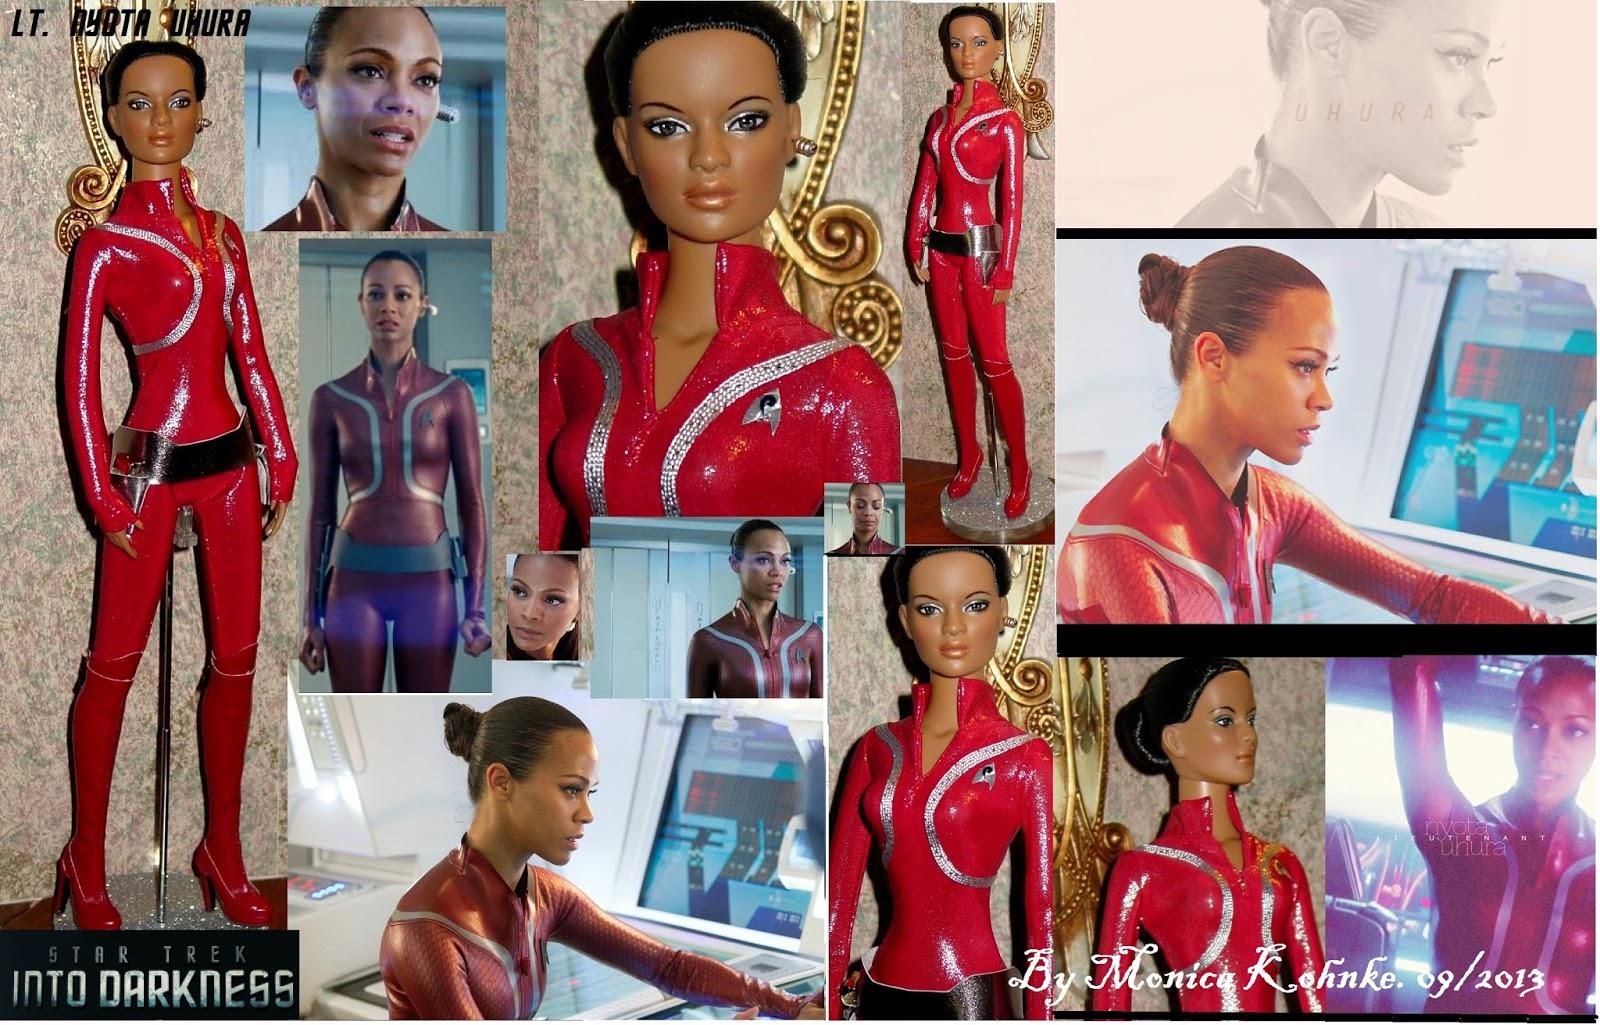 Monica K Star Dolls Uhura As Portrayed By Zoe Saldana In